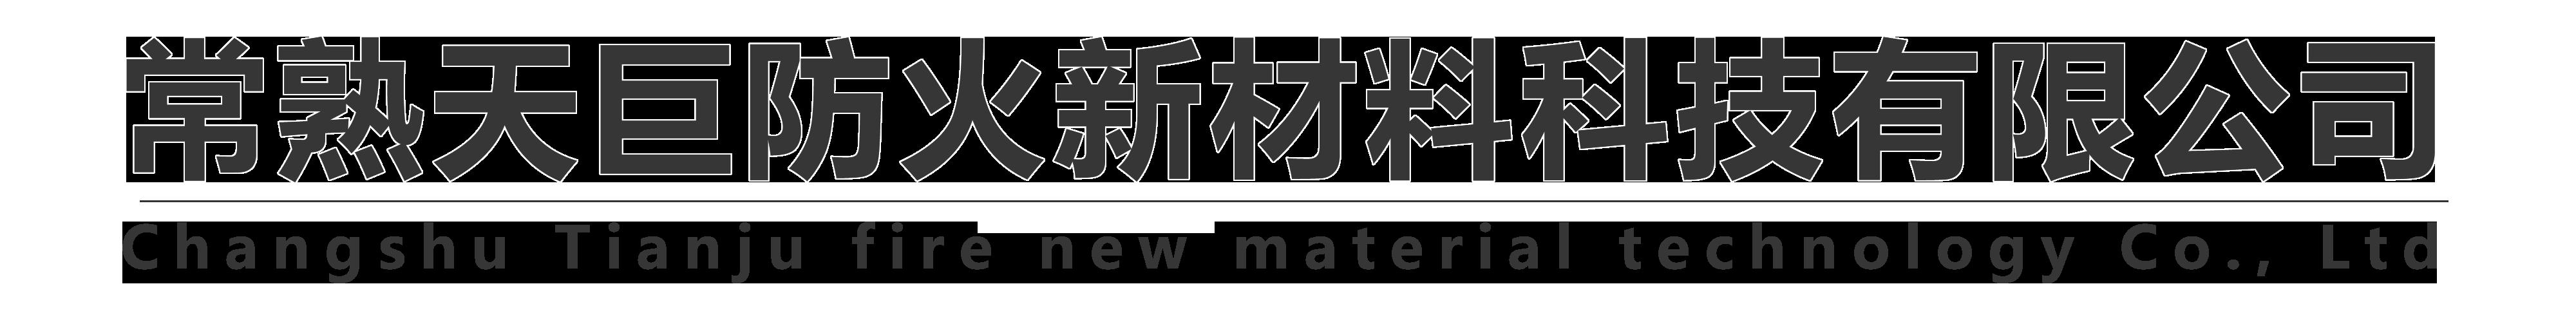 常熟天巨防火新材料科技有限公司